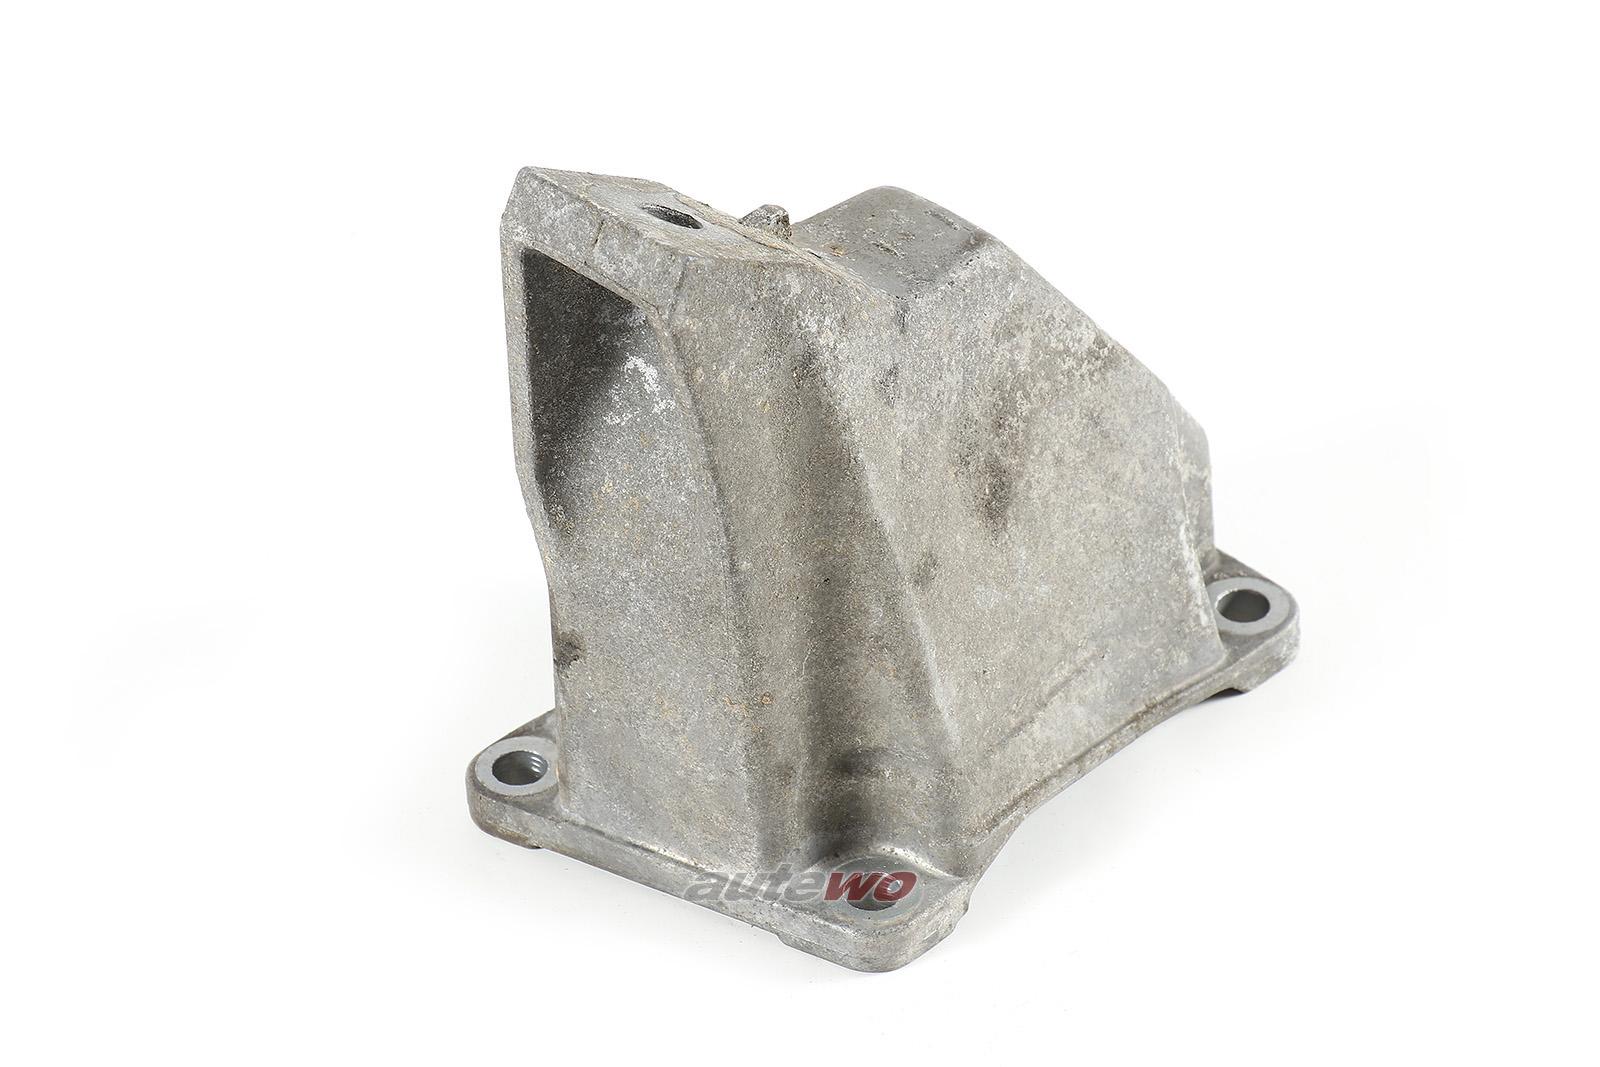 4A0399113F Audi 100/S4/A6/S6+ C4 Getriebehalter 01E-Schaltgetriebe links